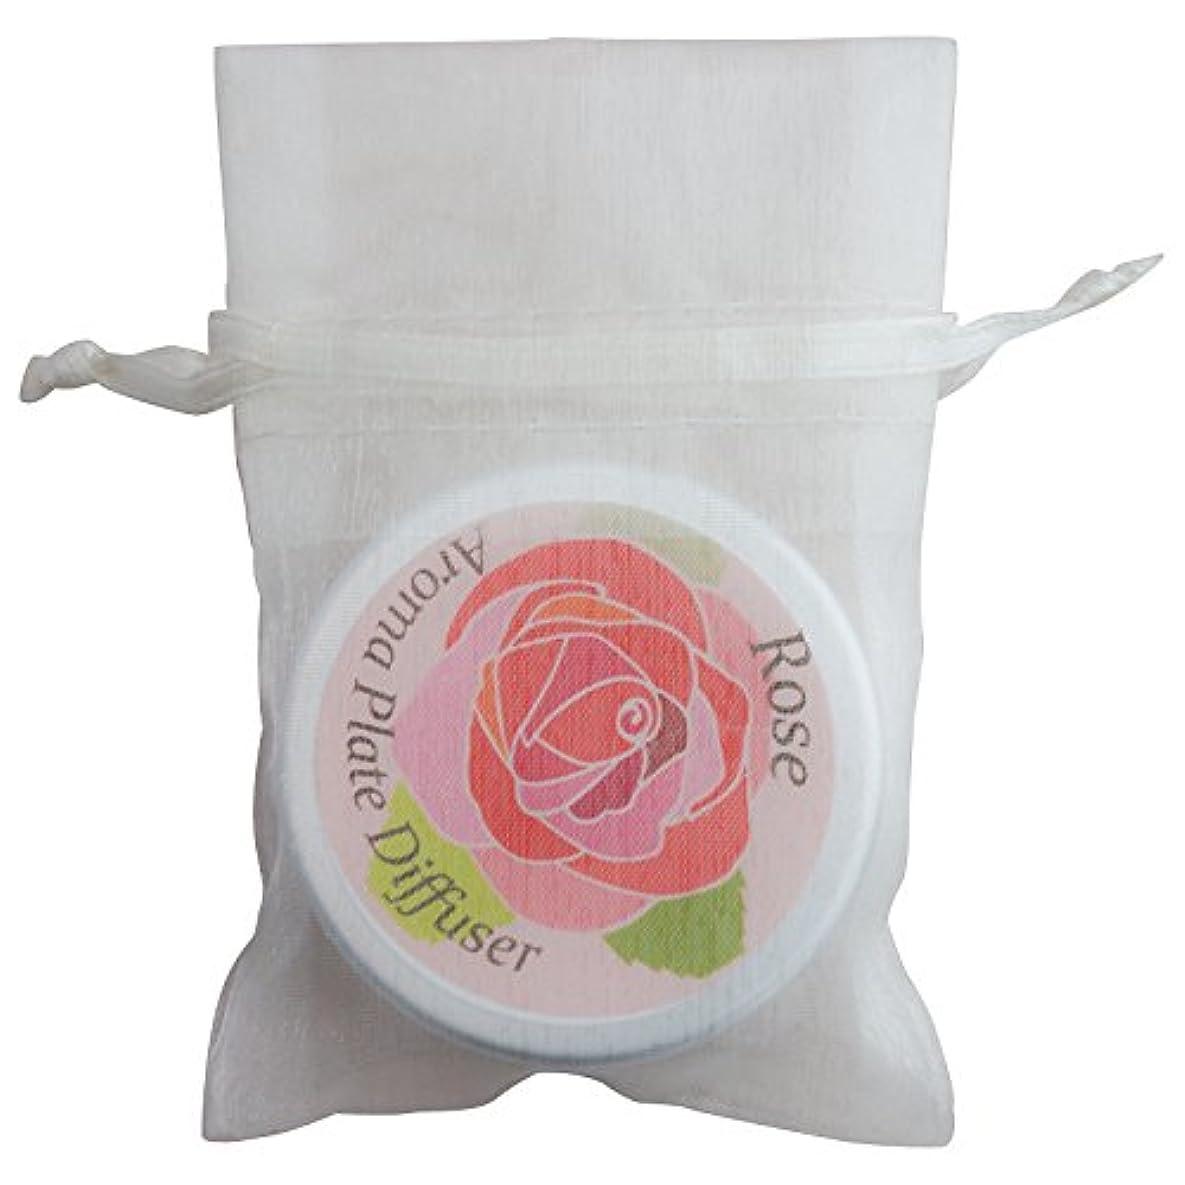 急いで成果投げ捨てるアロマラボ 伊万里製 アロマプレート(ローズデザイン) アルミ缶入 オーガンジー袋つき